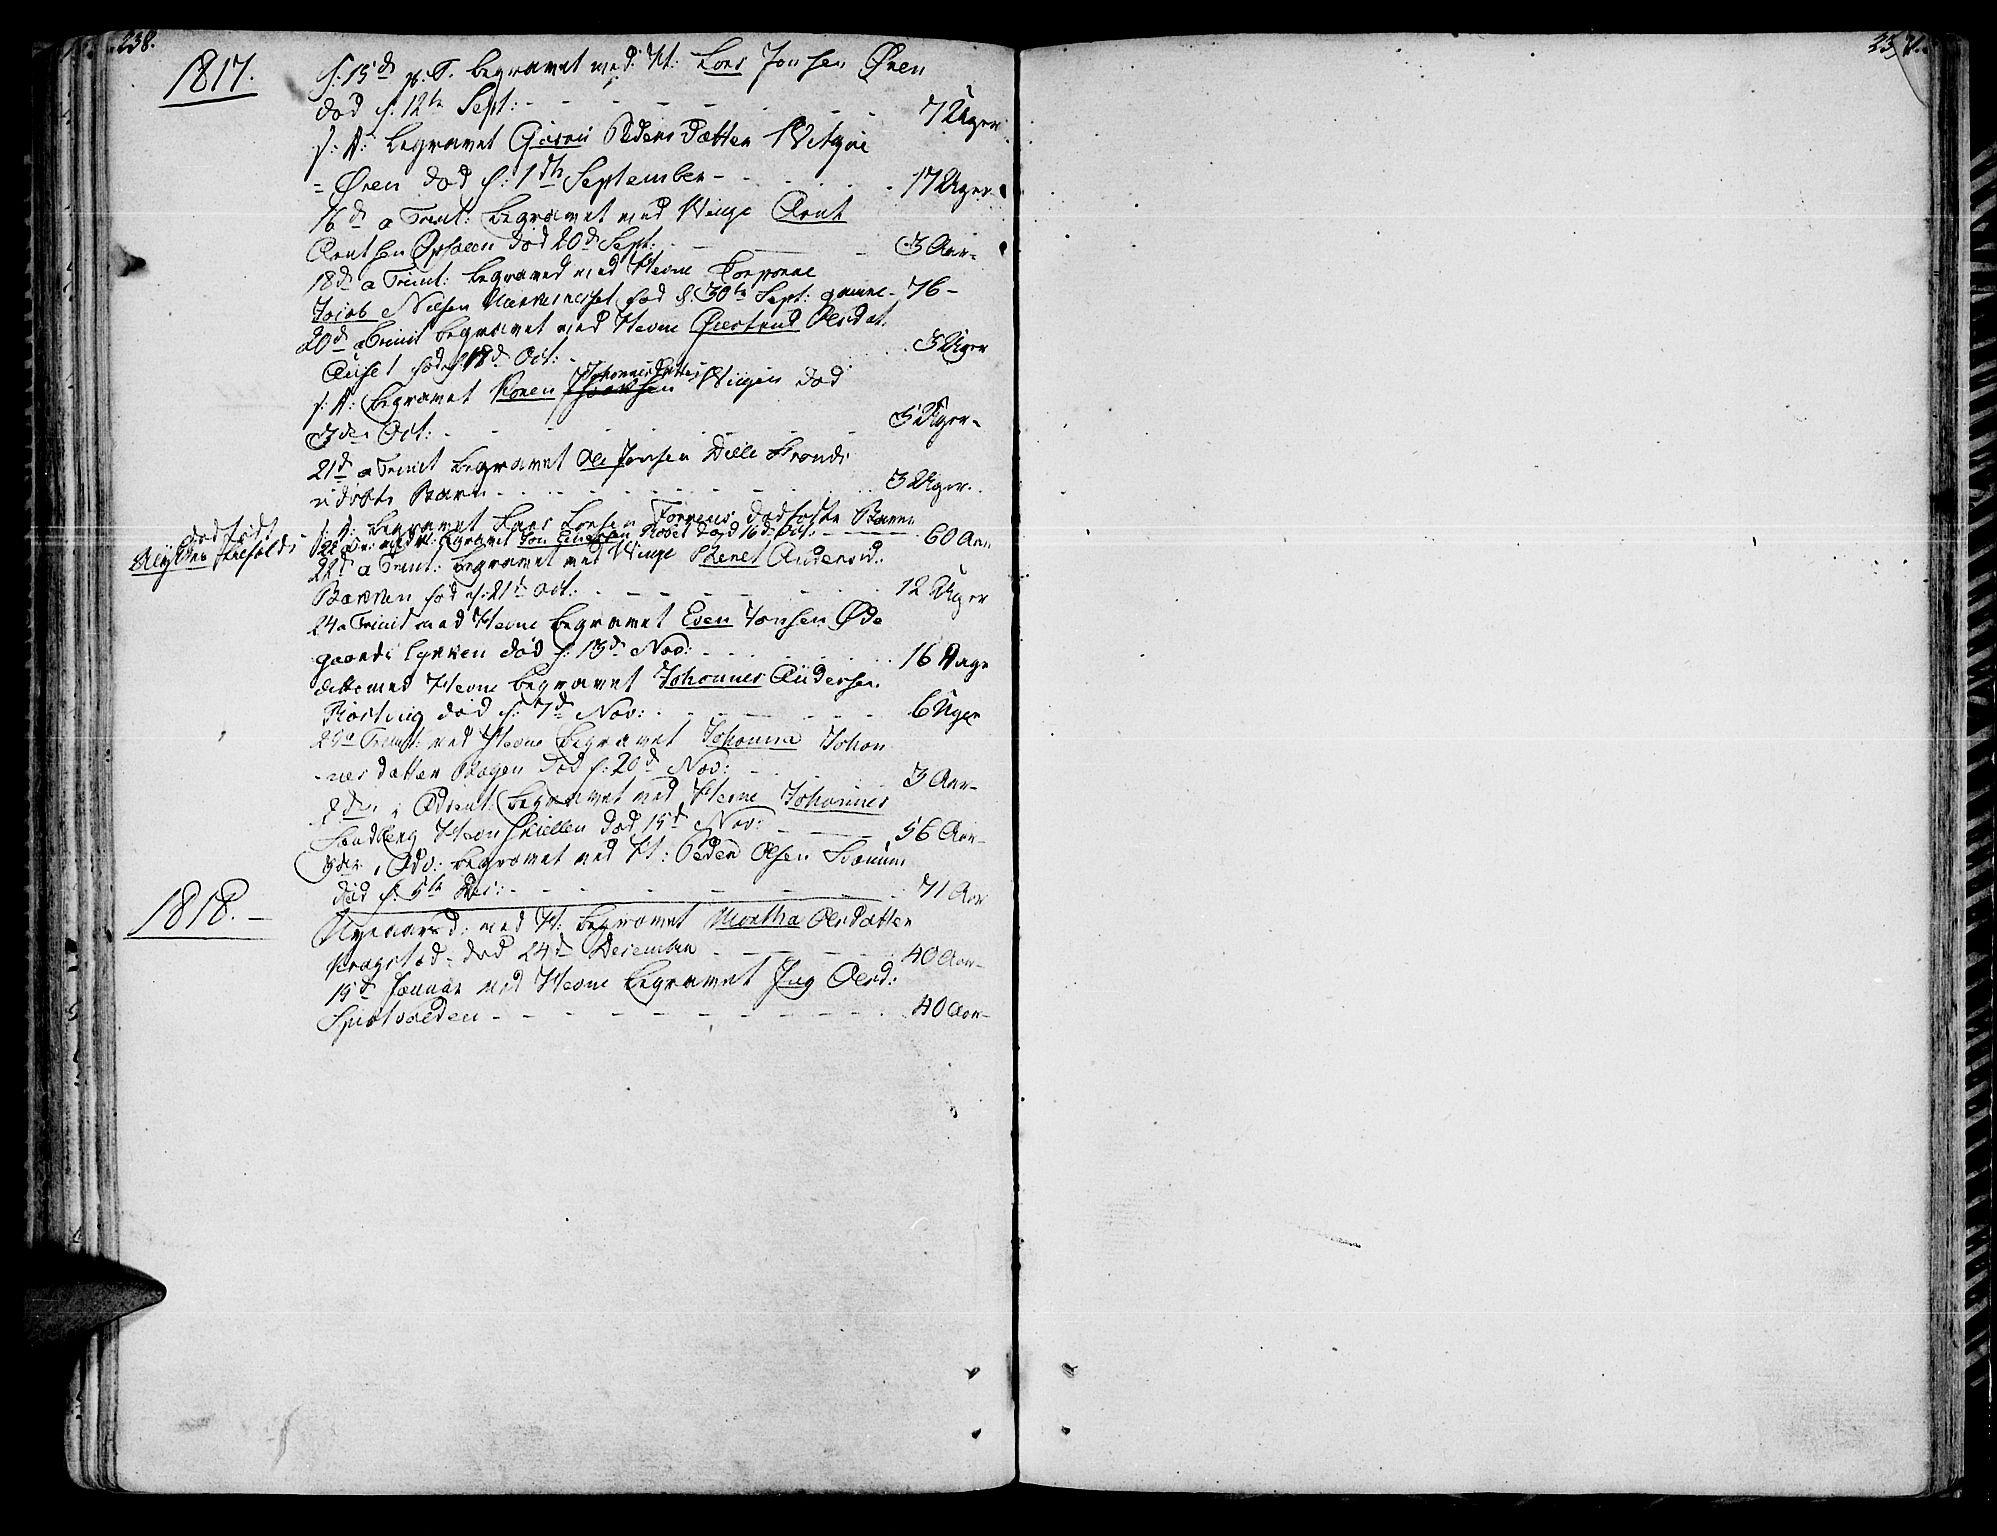 SAT, Ministerialprotokoller, klokkerbøker og fødselsregistre - Sør-Trøndelag, 630/L0490: Ministerialbok nr. 630A03, 1795-1818, s. 238-239